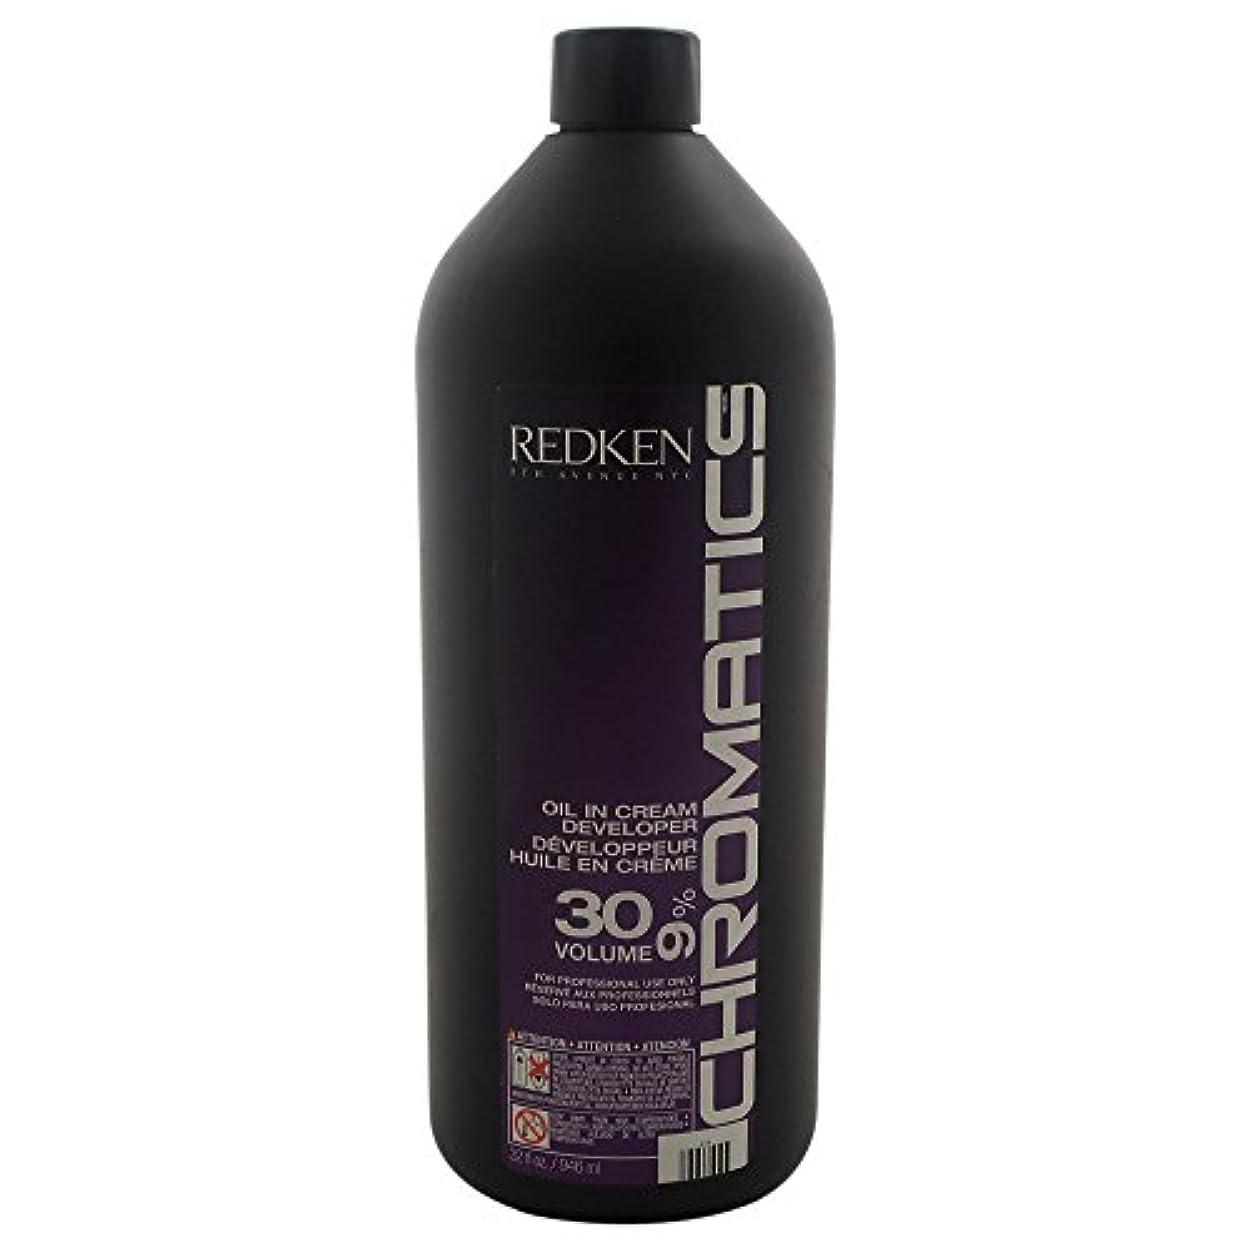 イースター津波蓋Redken Chromatics Oil In Cream Developer 30 Volume 9 Percent Cream, 32 Ounce by Redken